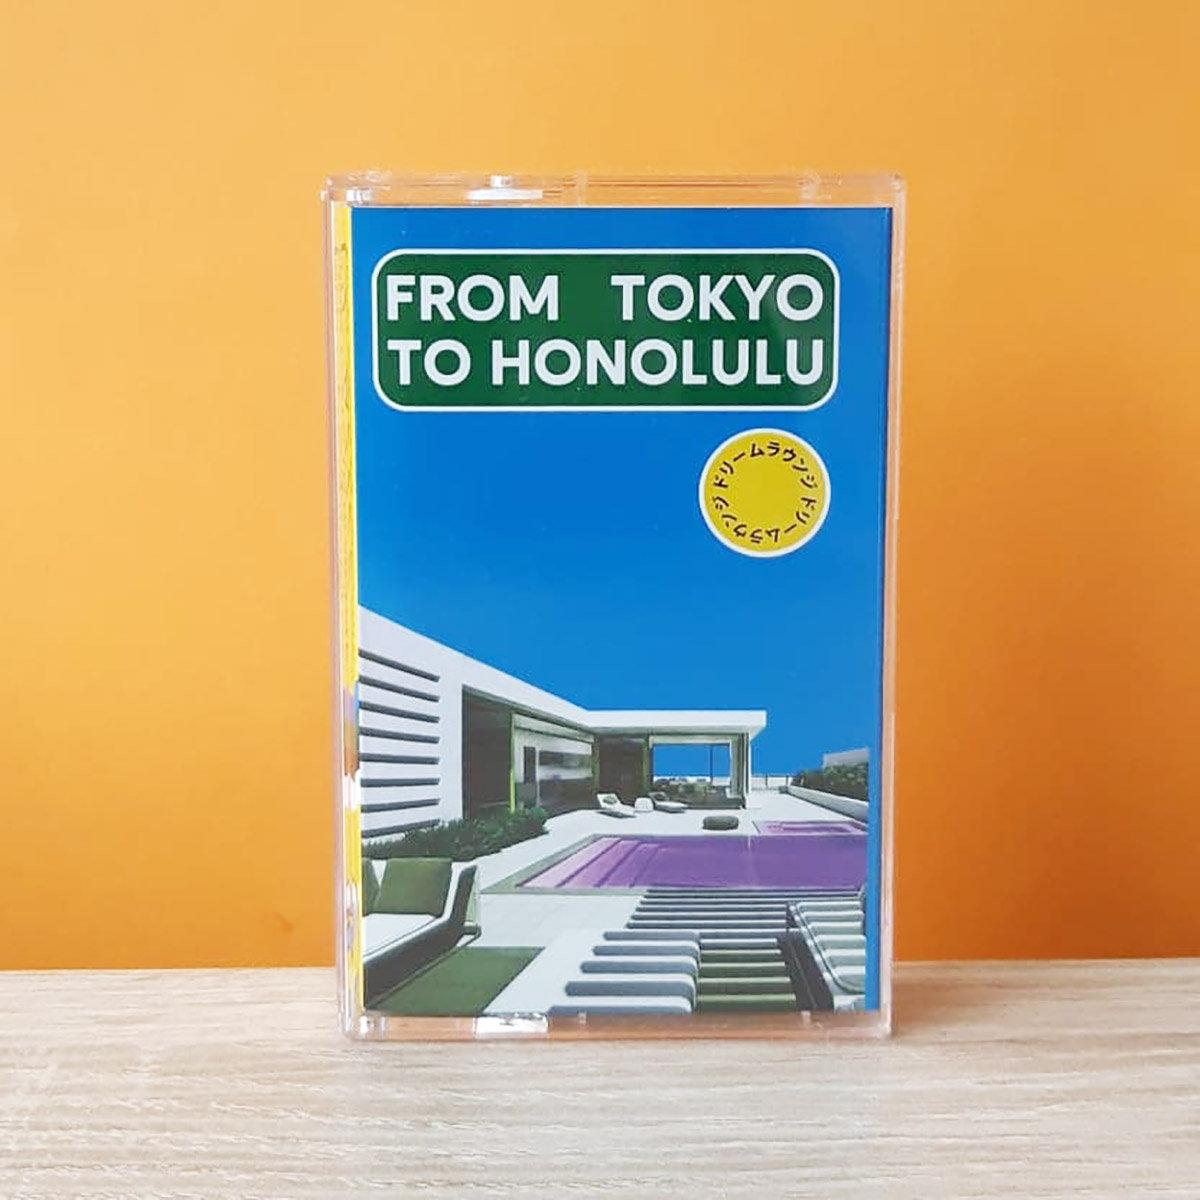 ドリームラウンジ by from tokyo to honolulu (cassette)